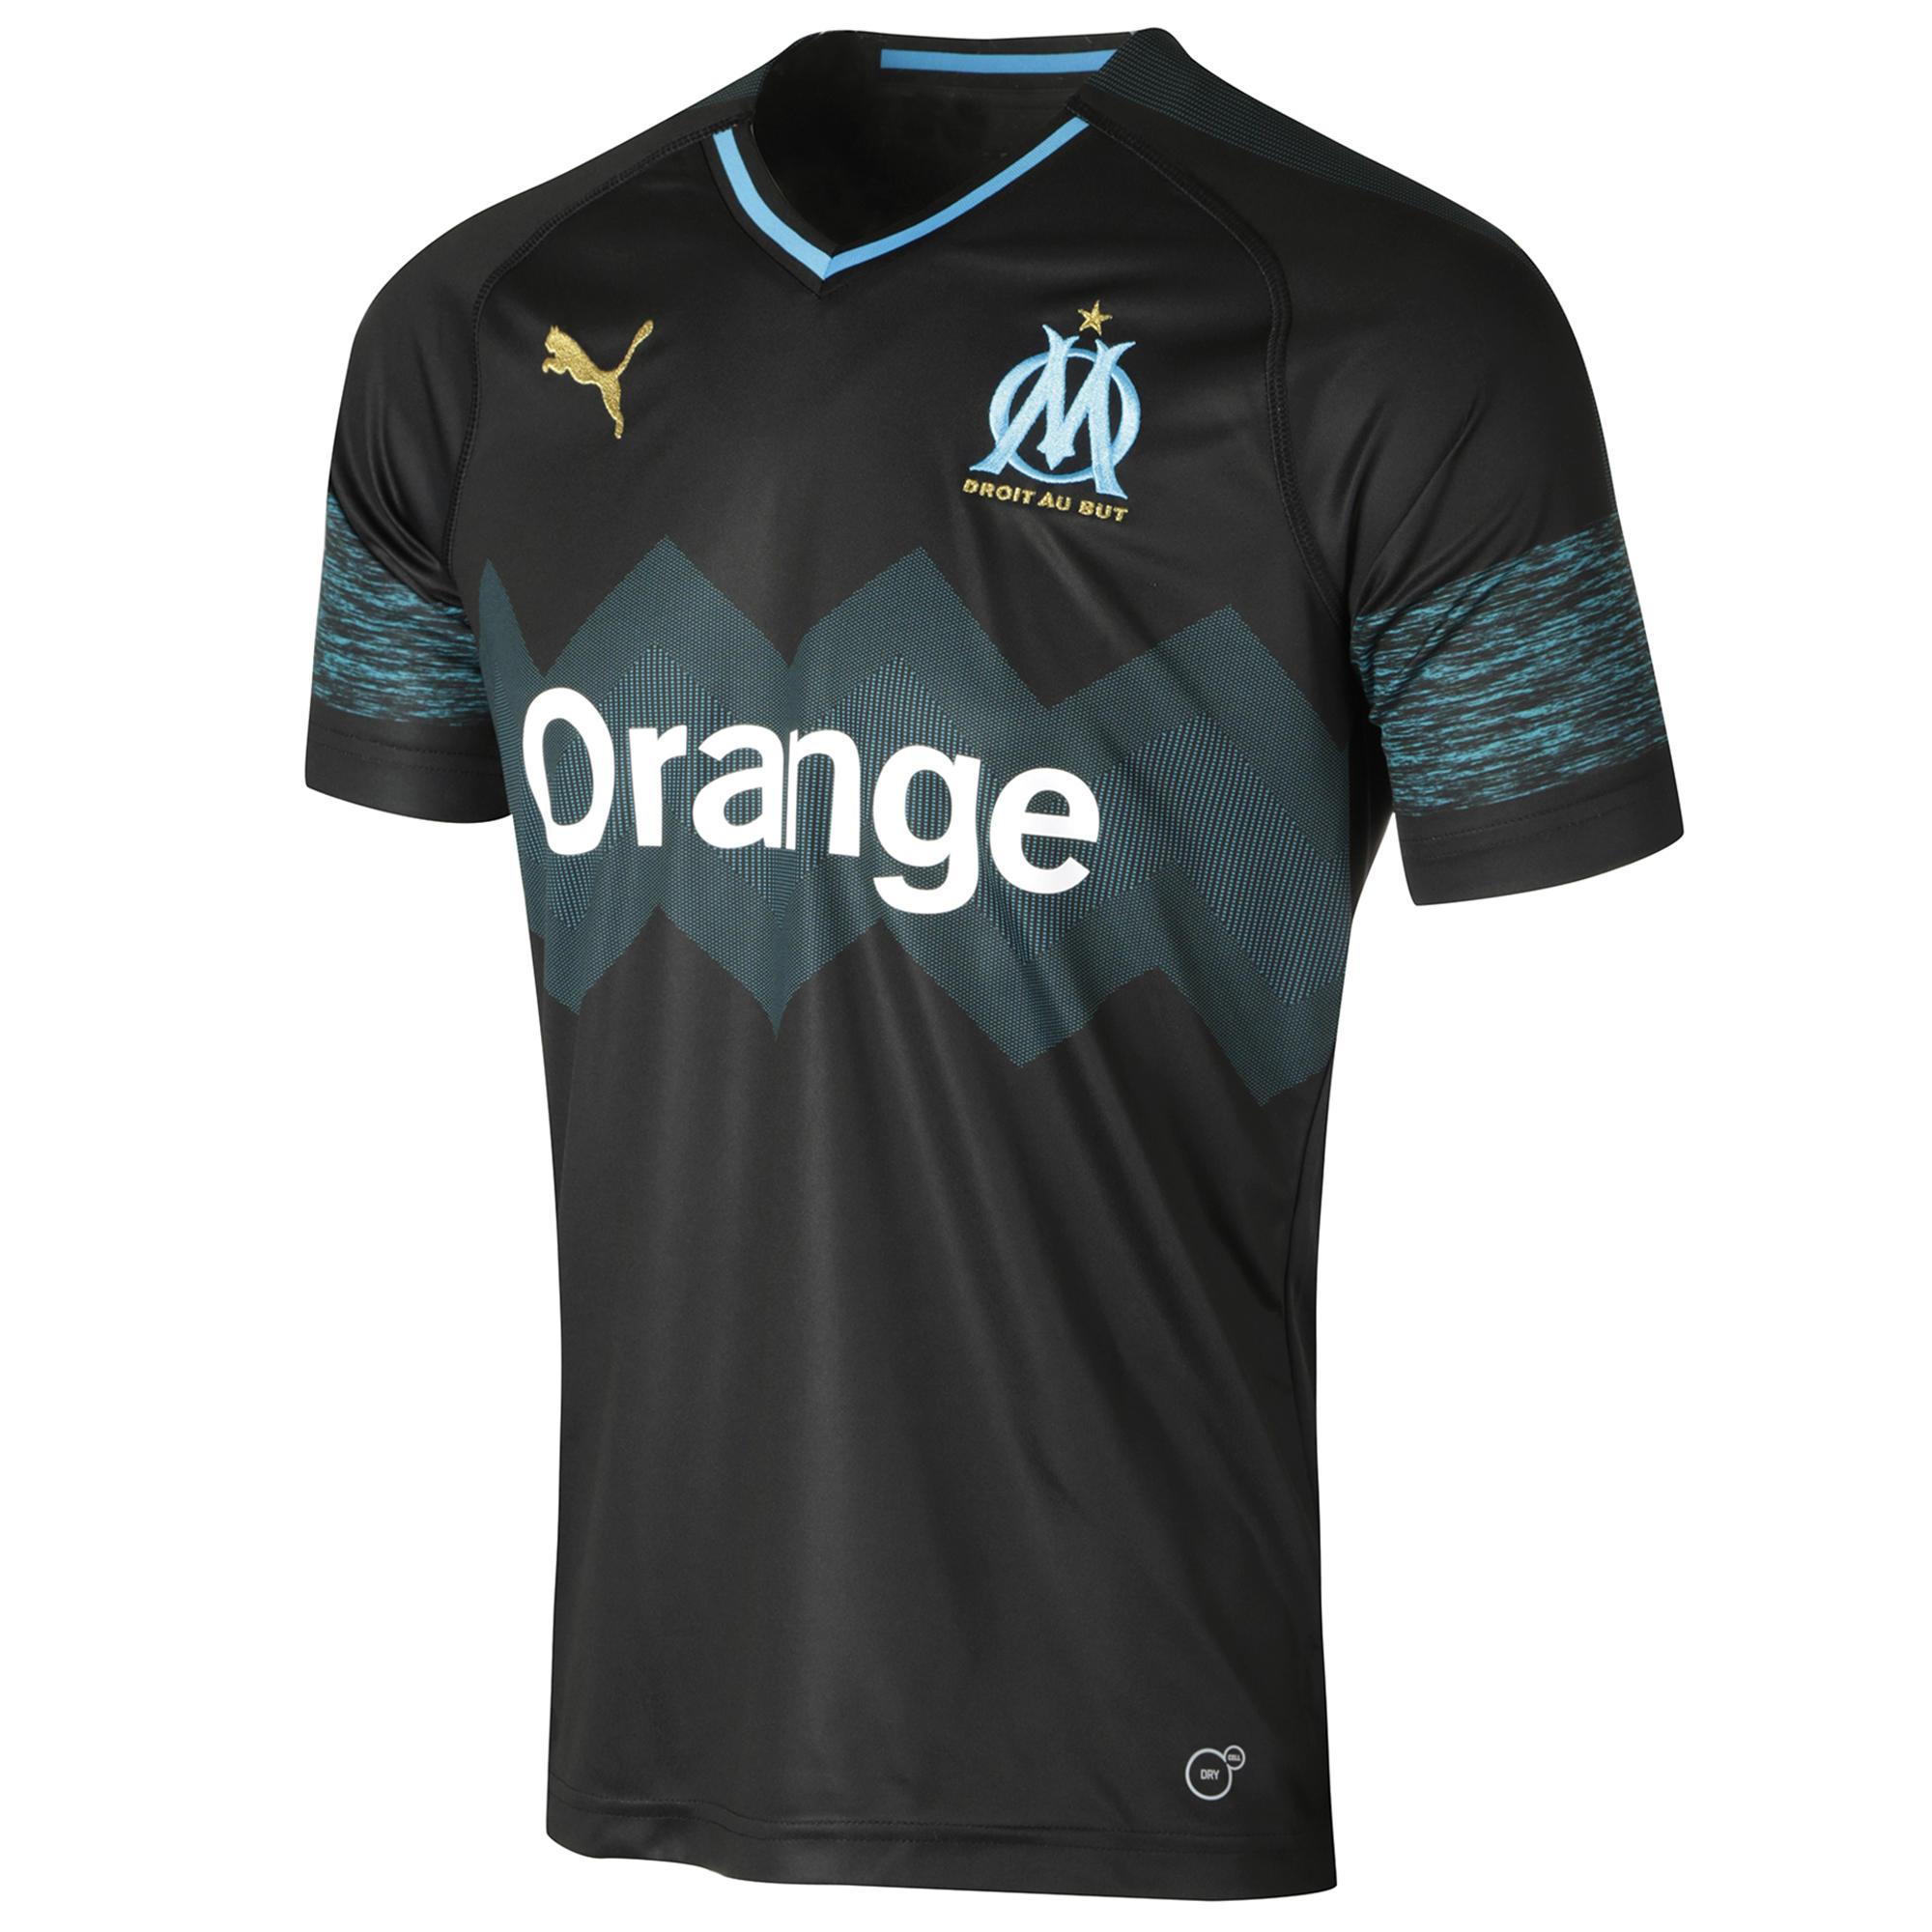 Puma Voetbalshirt Olympique Marseille uitshirt 18/19 zwart